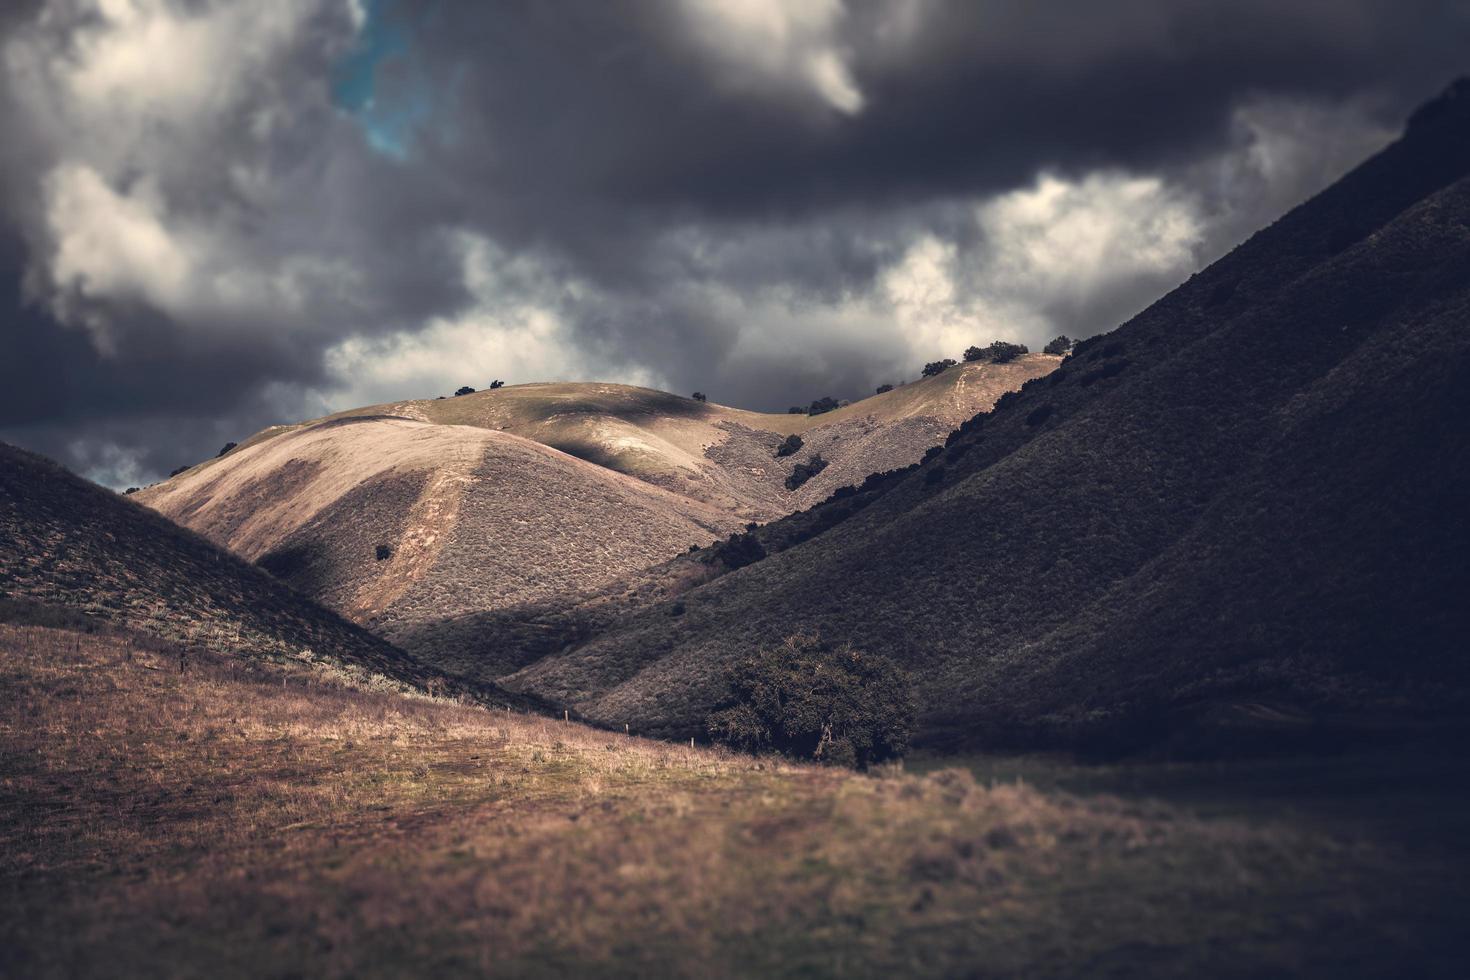 lutningsförskjutning av berget under dramatiska moln foto